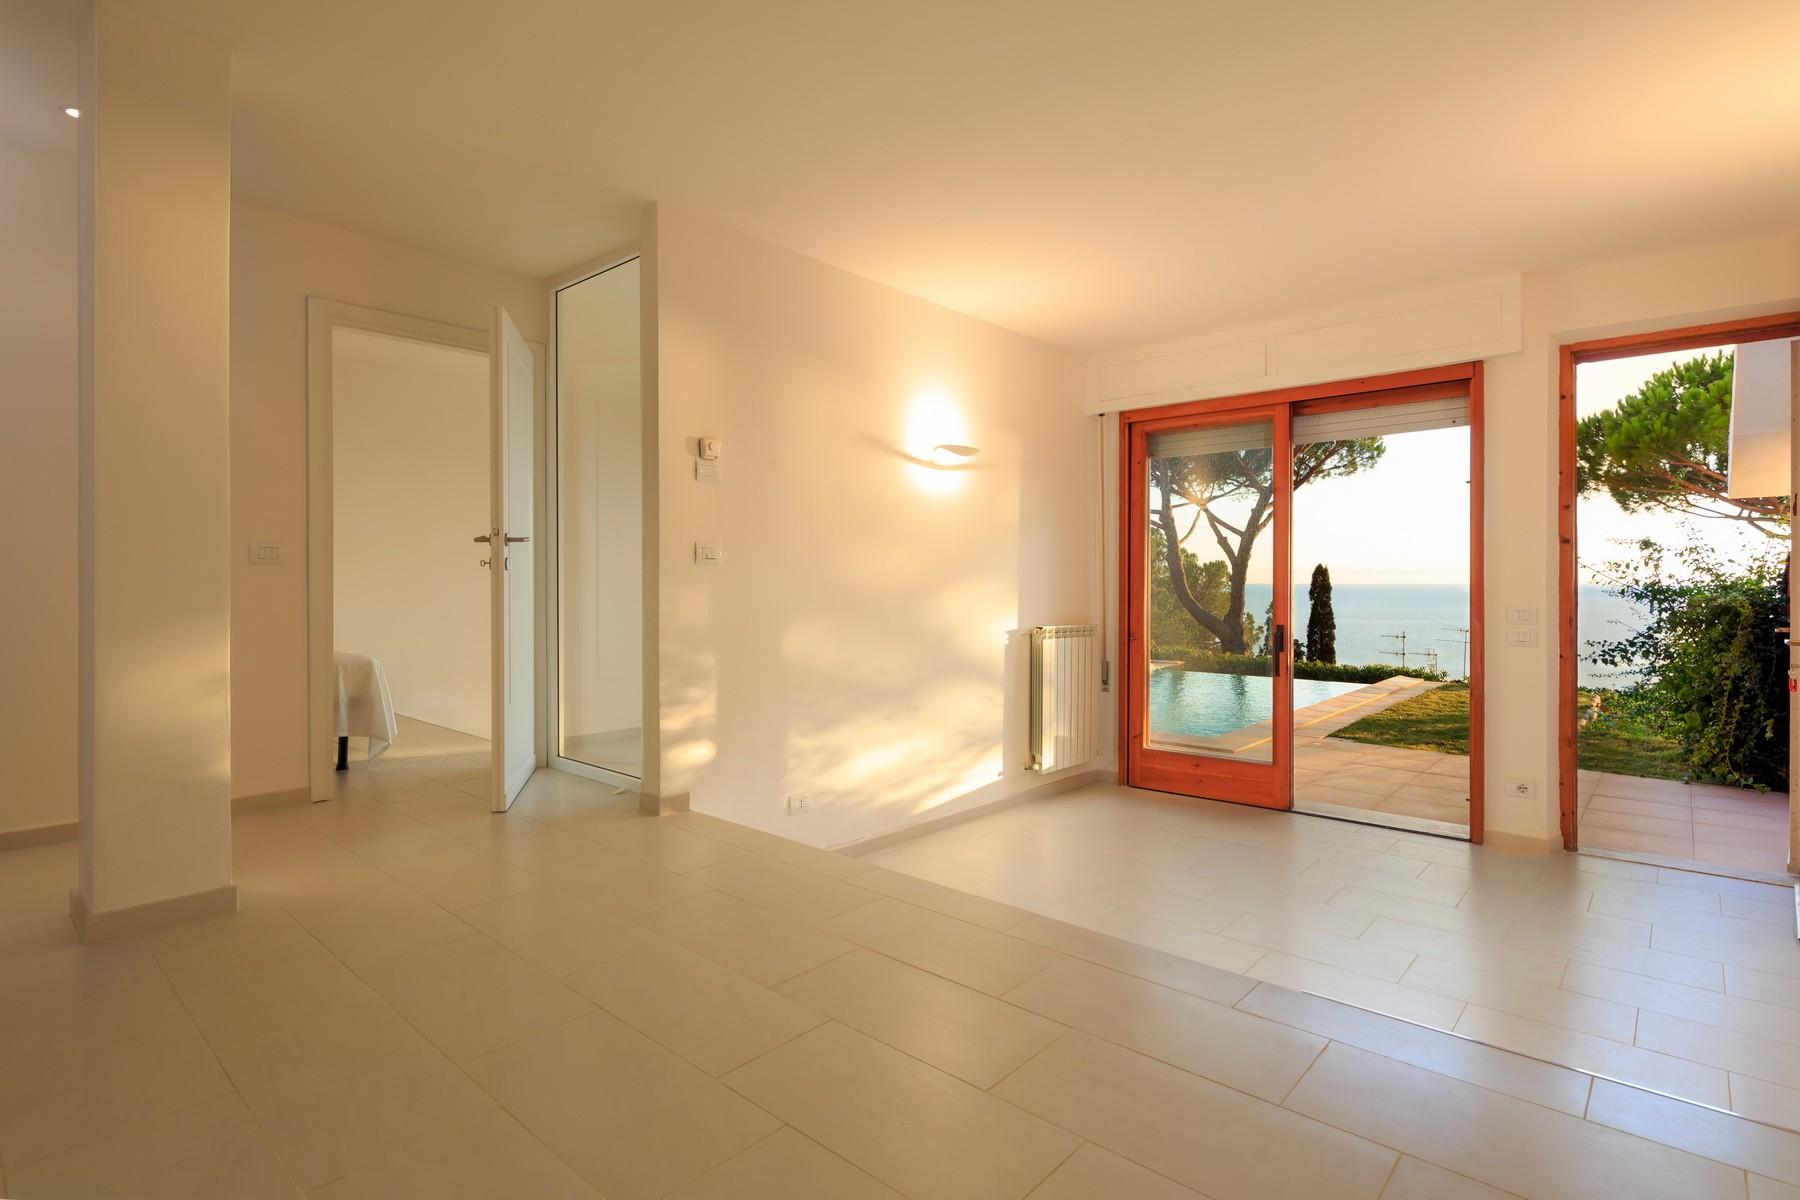 Casa indipendente in Vendita a Castiglione Della Pescaia: 4 locali, 80 mq - Foto 6